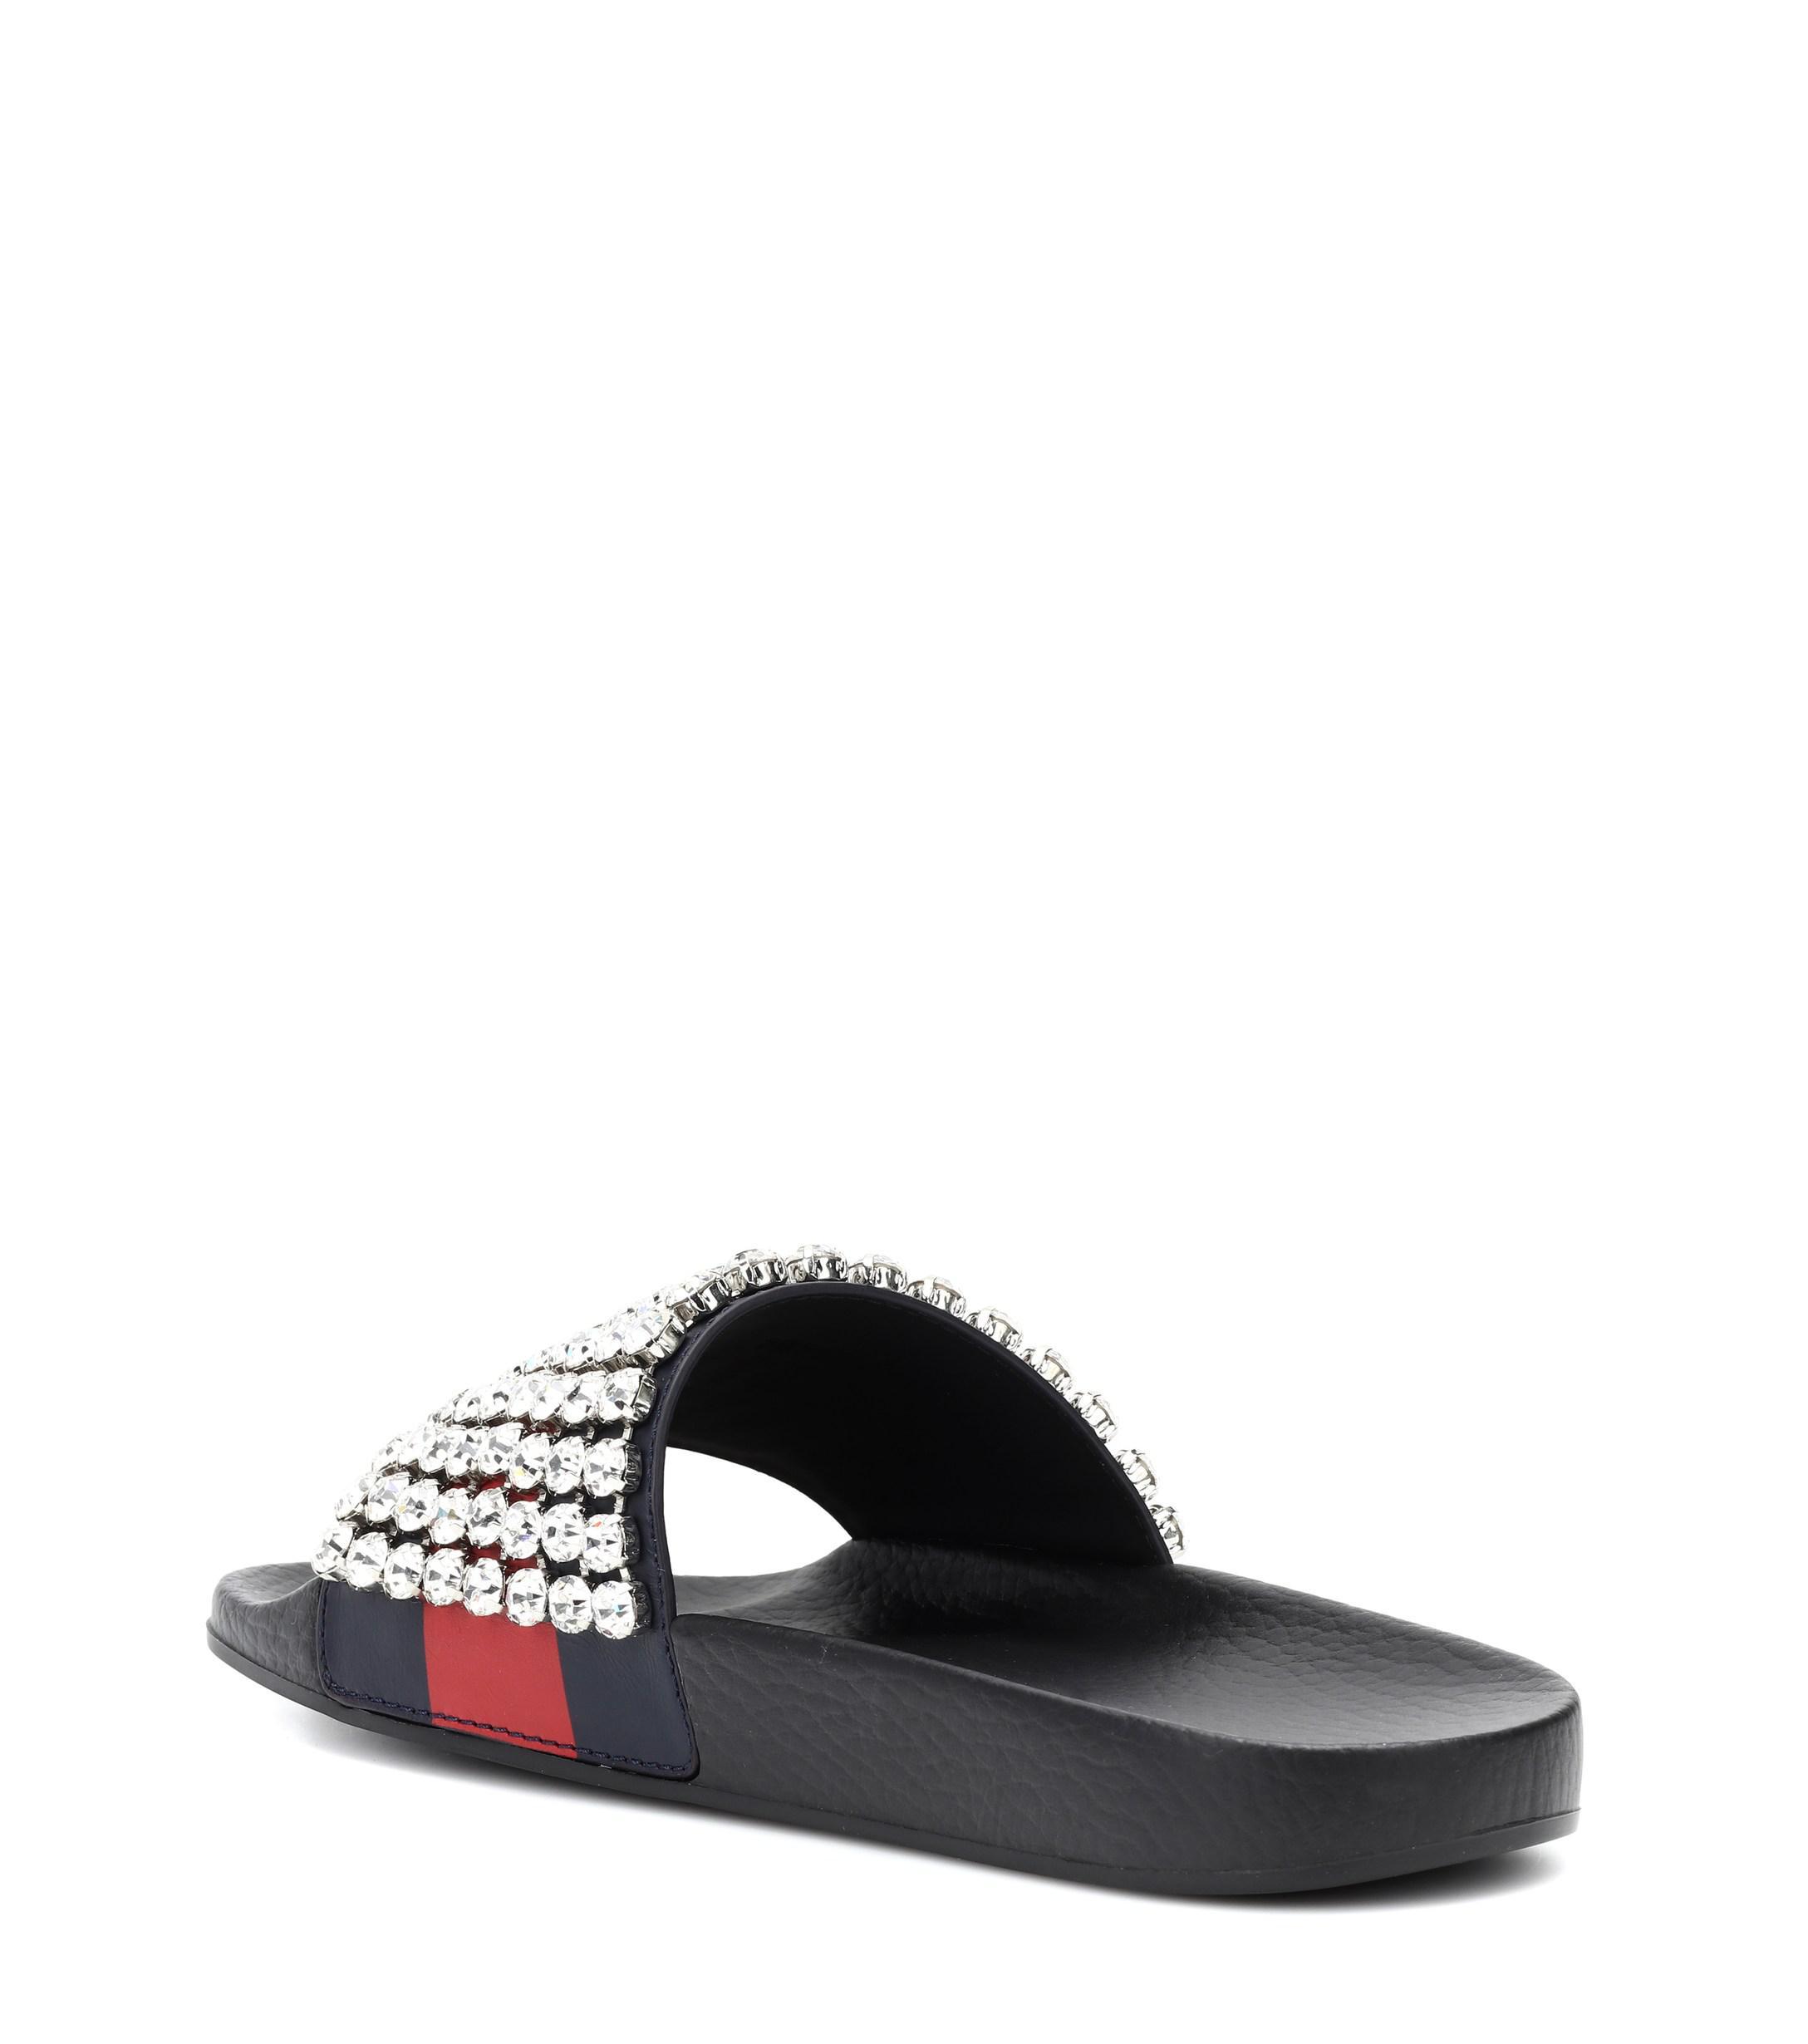 428e8b739257 Lyst - Gucci Crystal-embellished Slides in Black